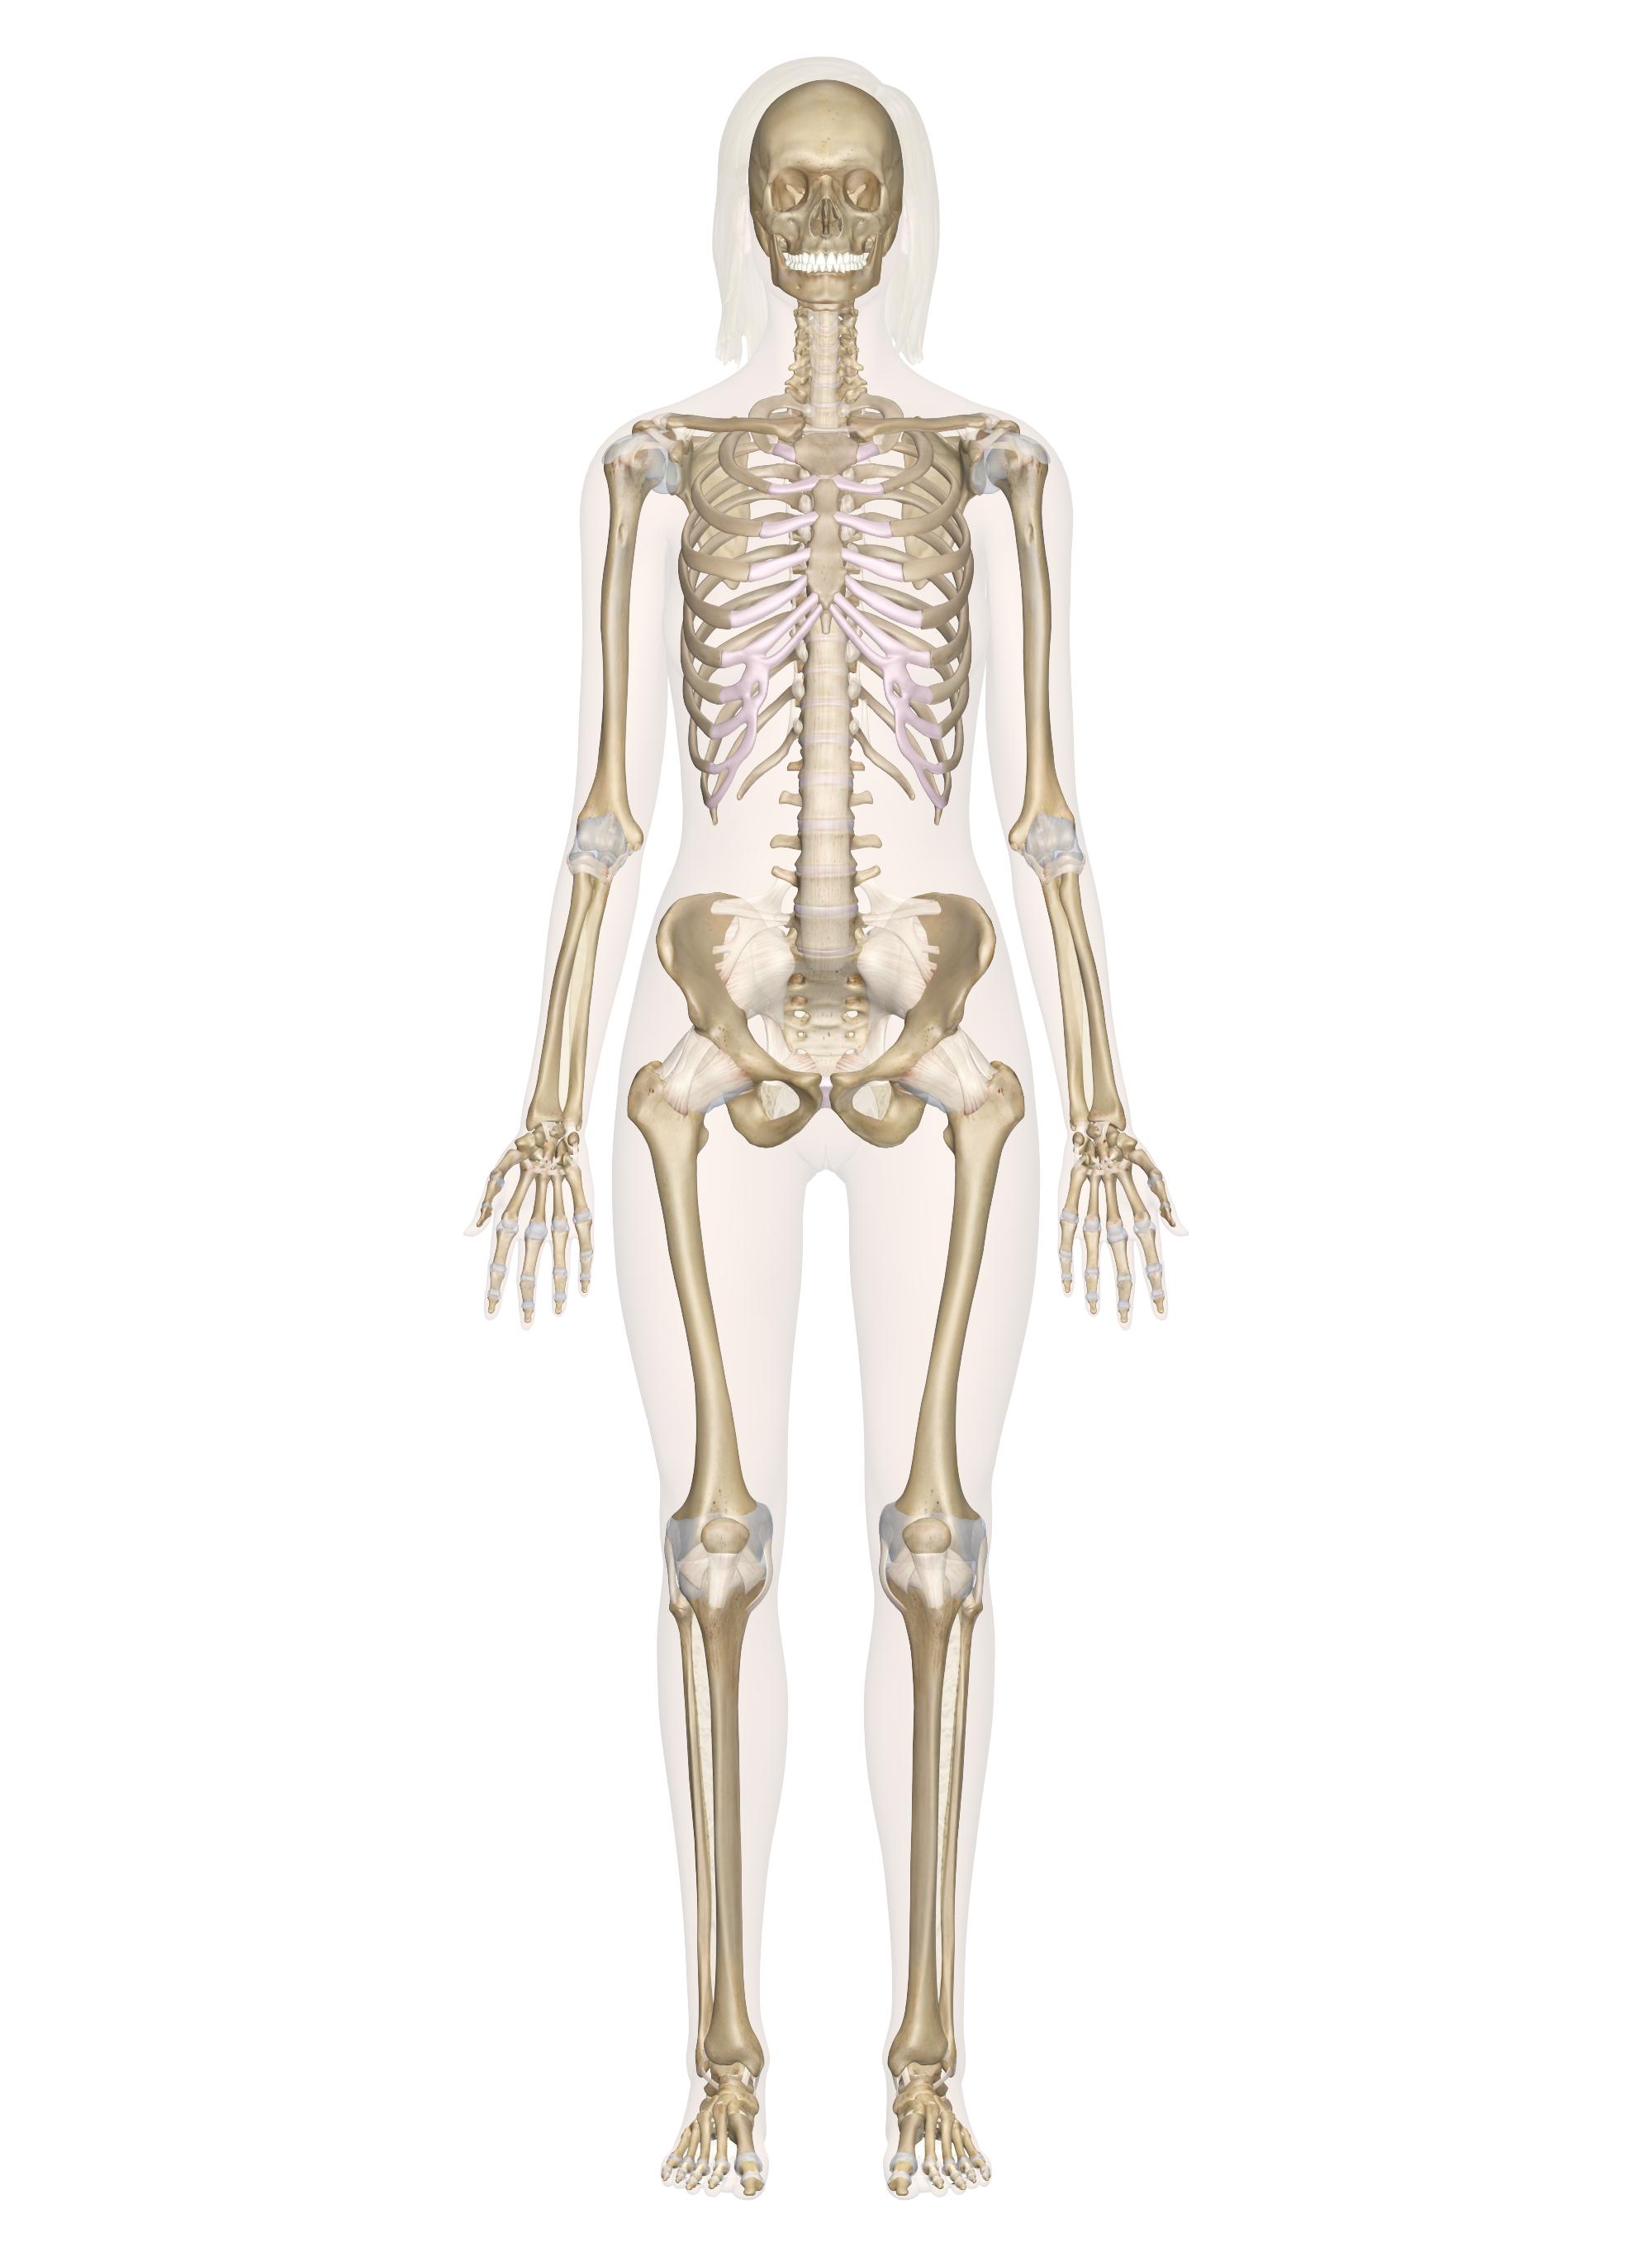 Pin de Lori Nelson en Skeletal System | Pinterest